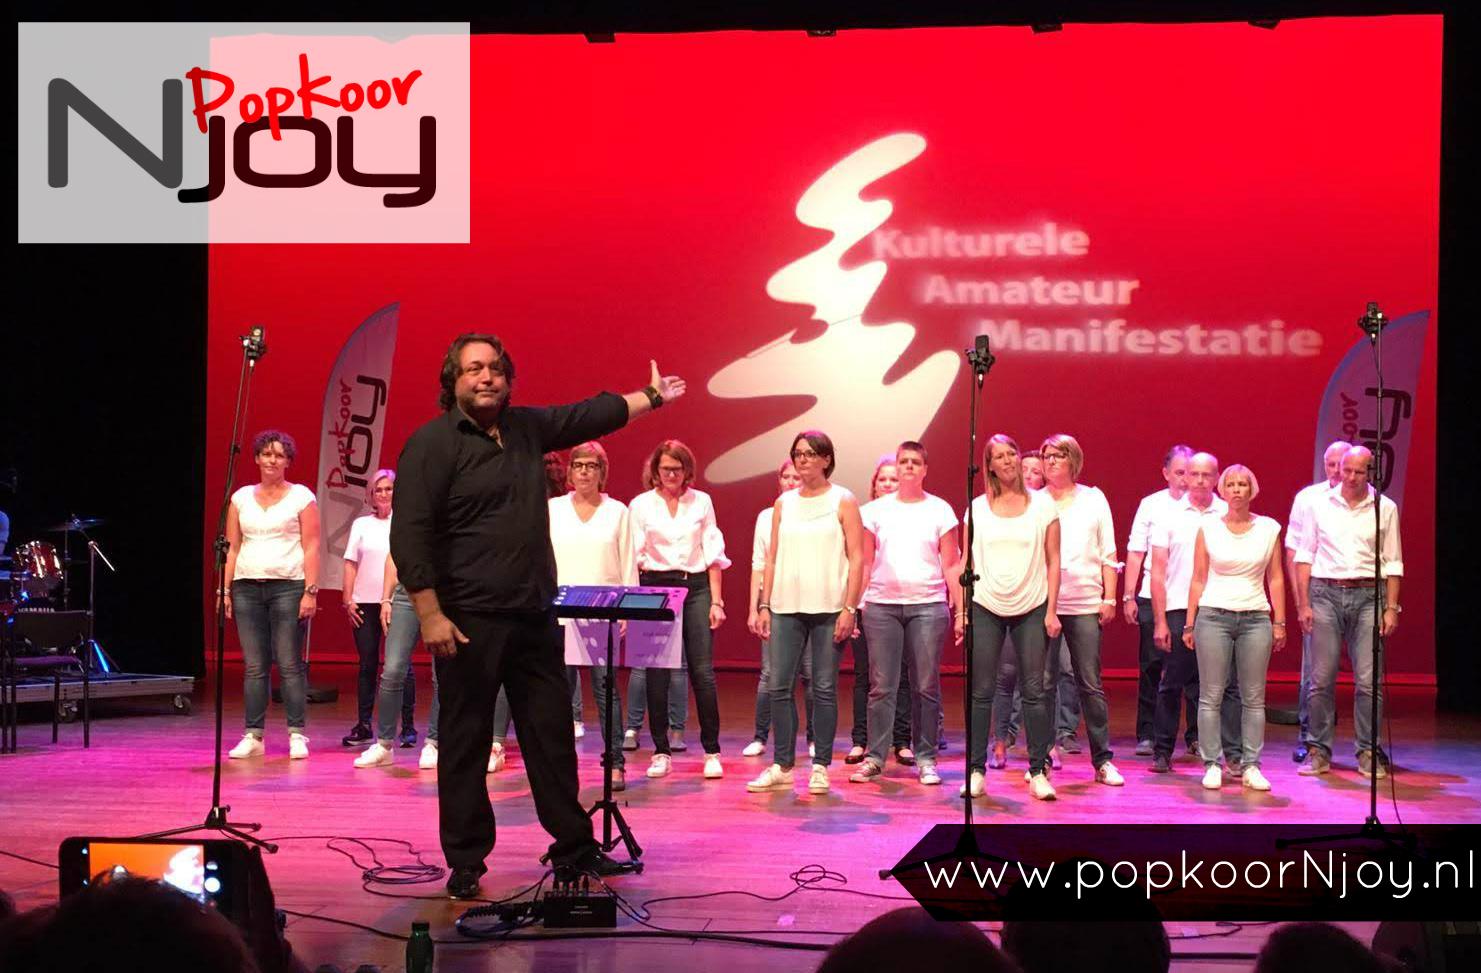 popkoor-njoy-2018-09-16-kam-middenzaal-4